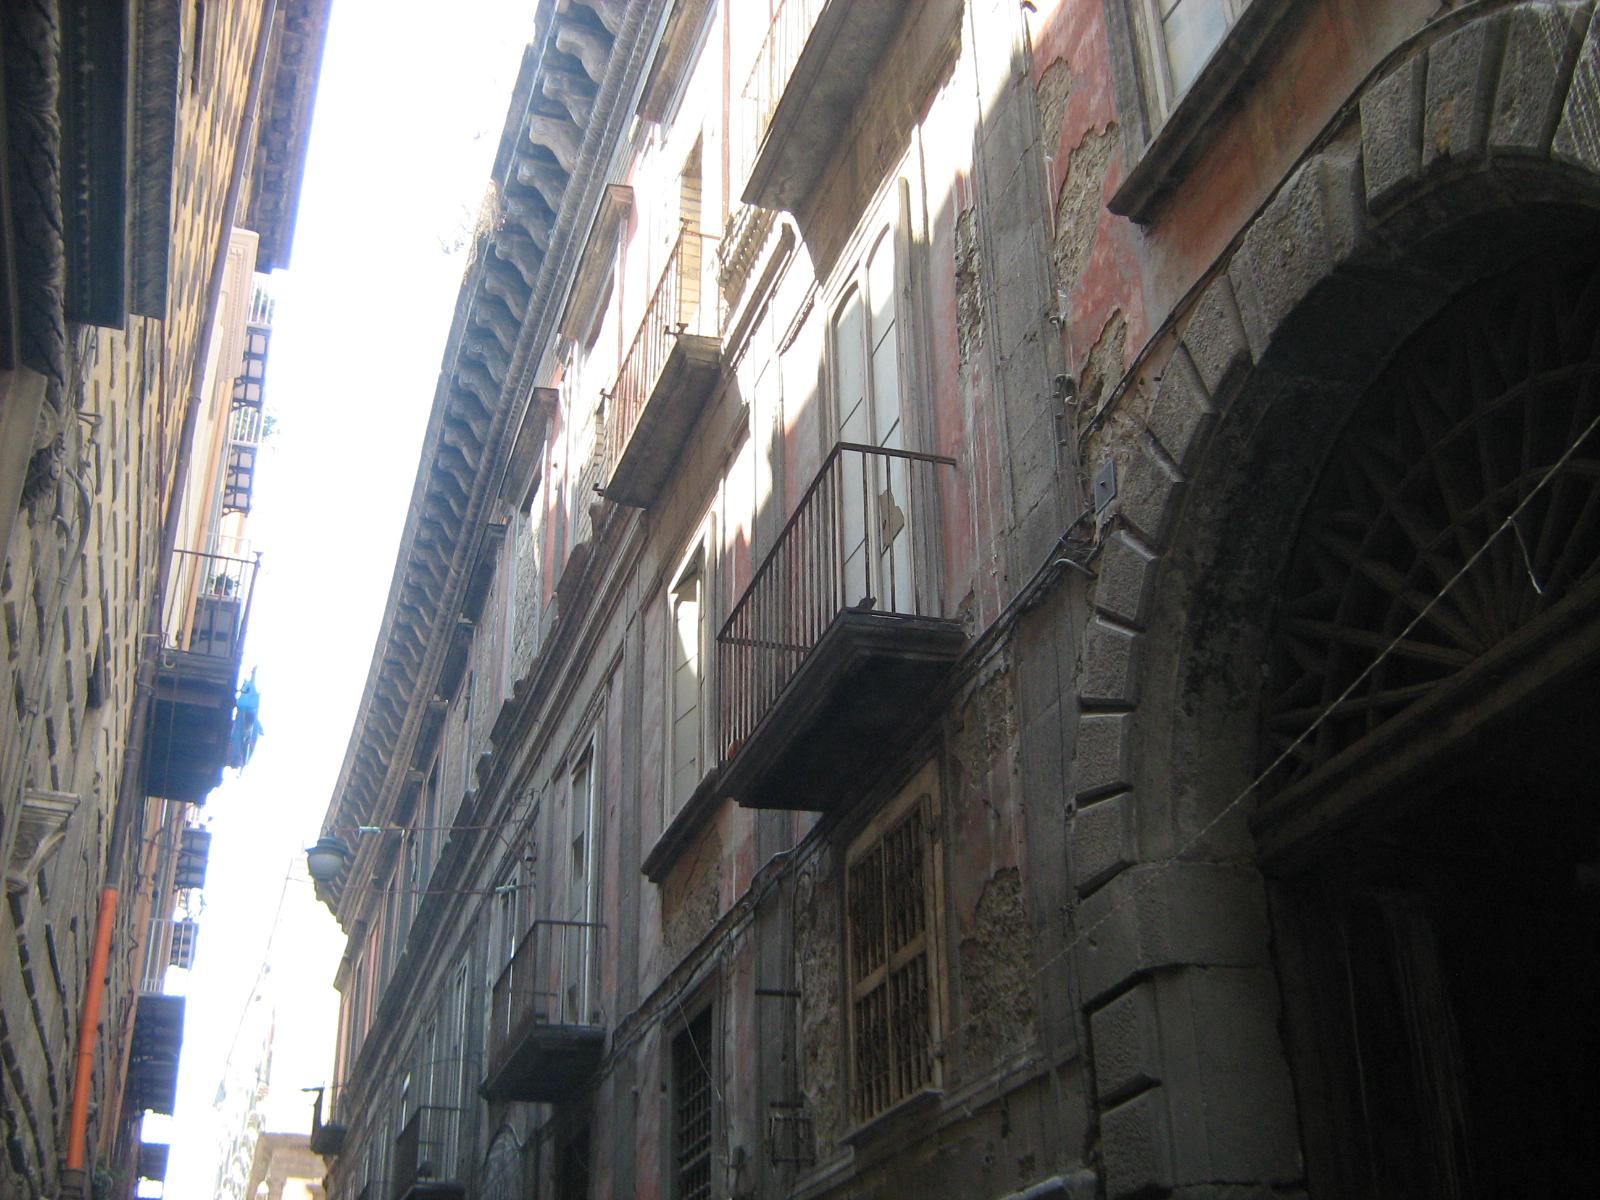 palazzo carafa di montorio a napoli